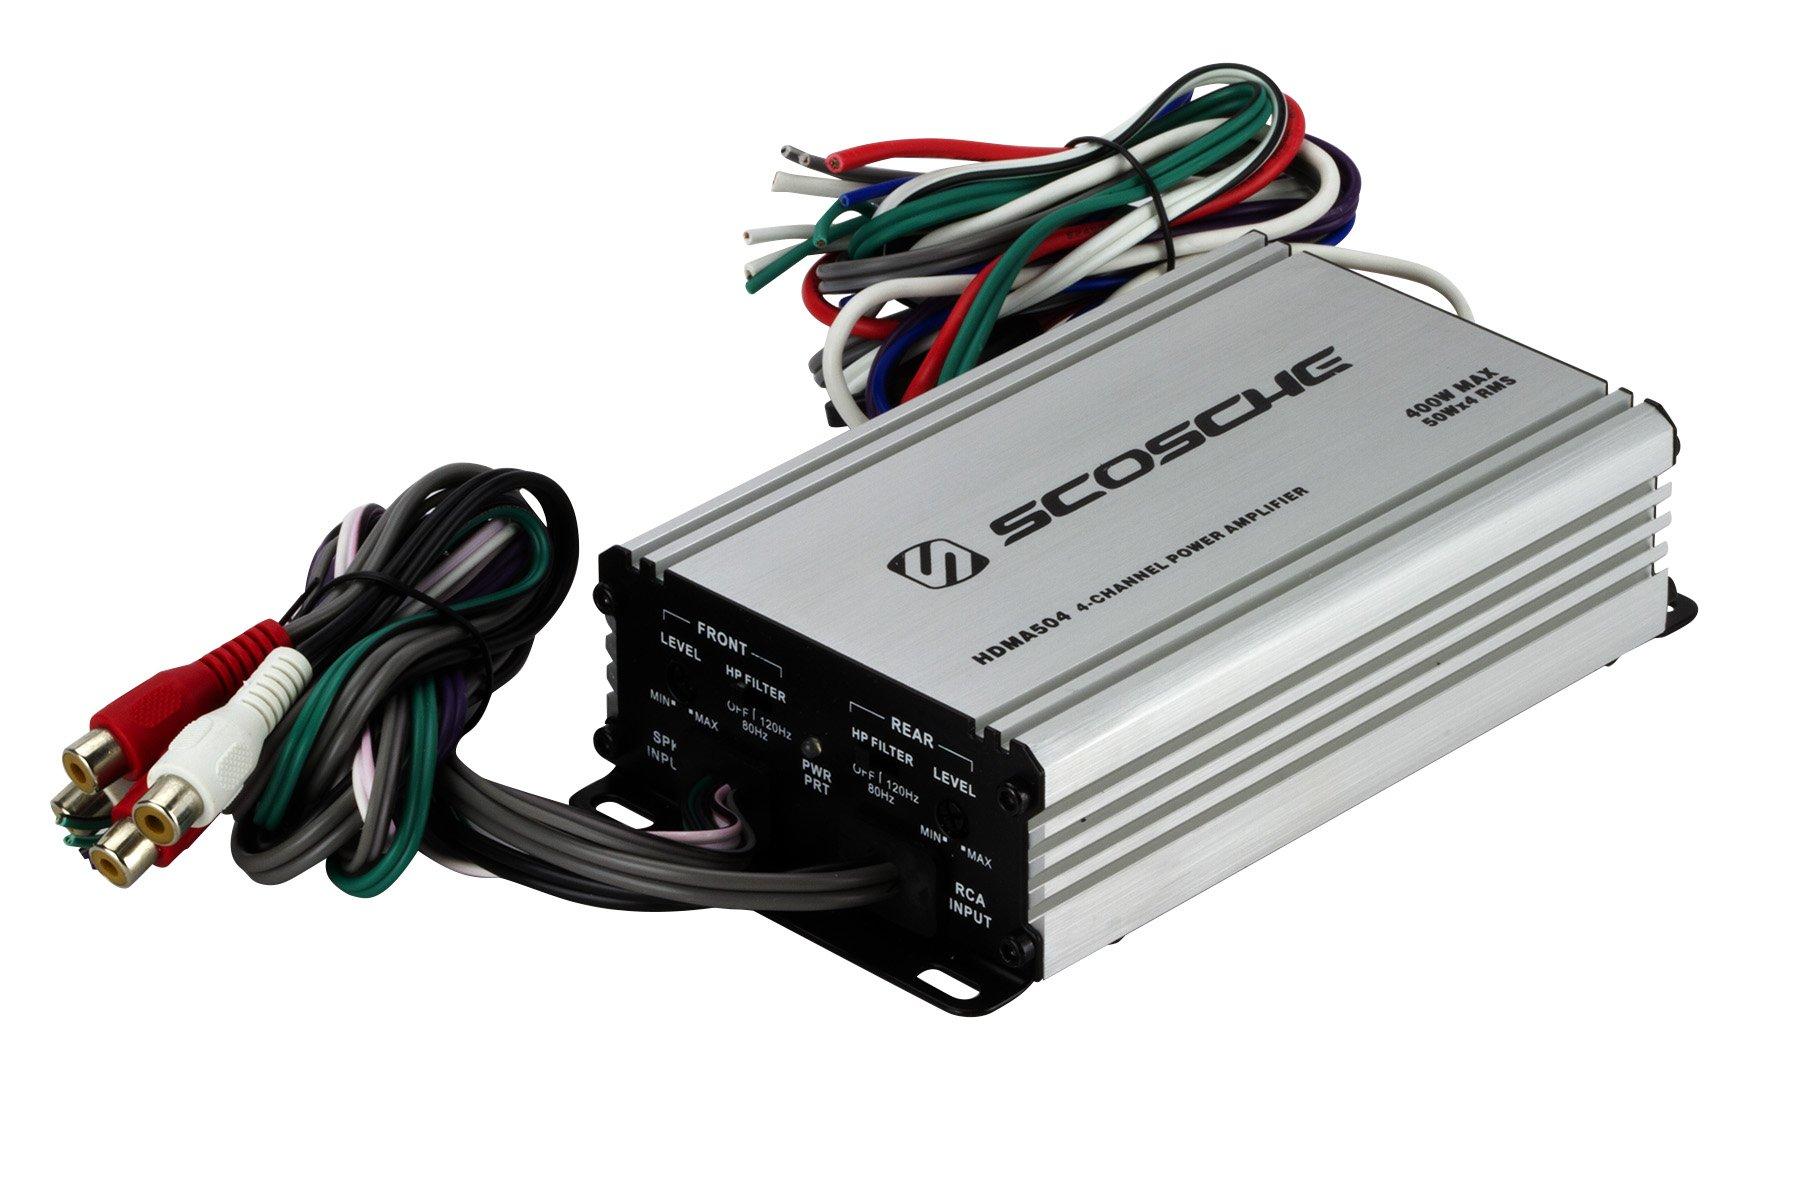 Scosche HDMA504I 4 Channel 400-Watt Max Mini Car Stereo Amplifier by Scosche